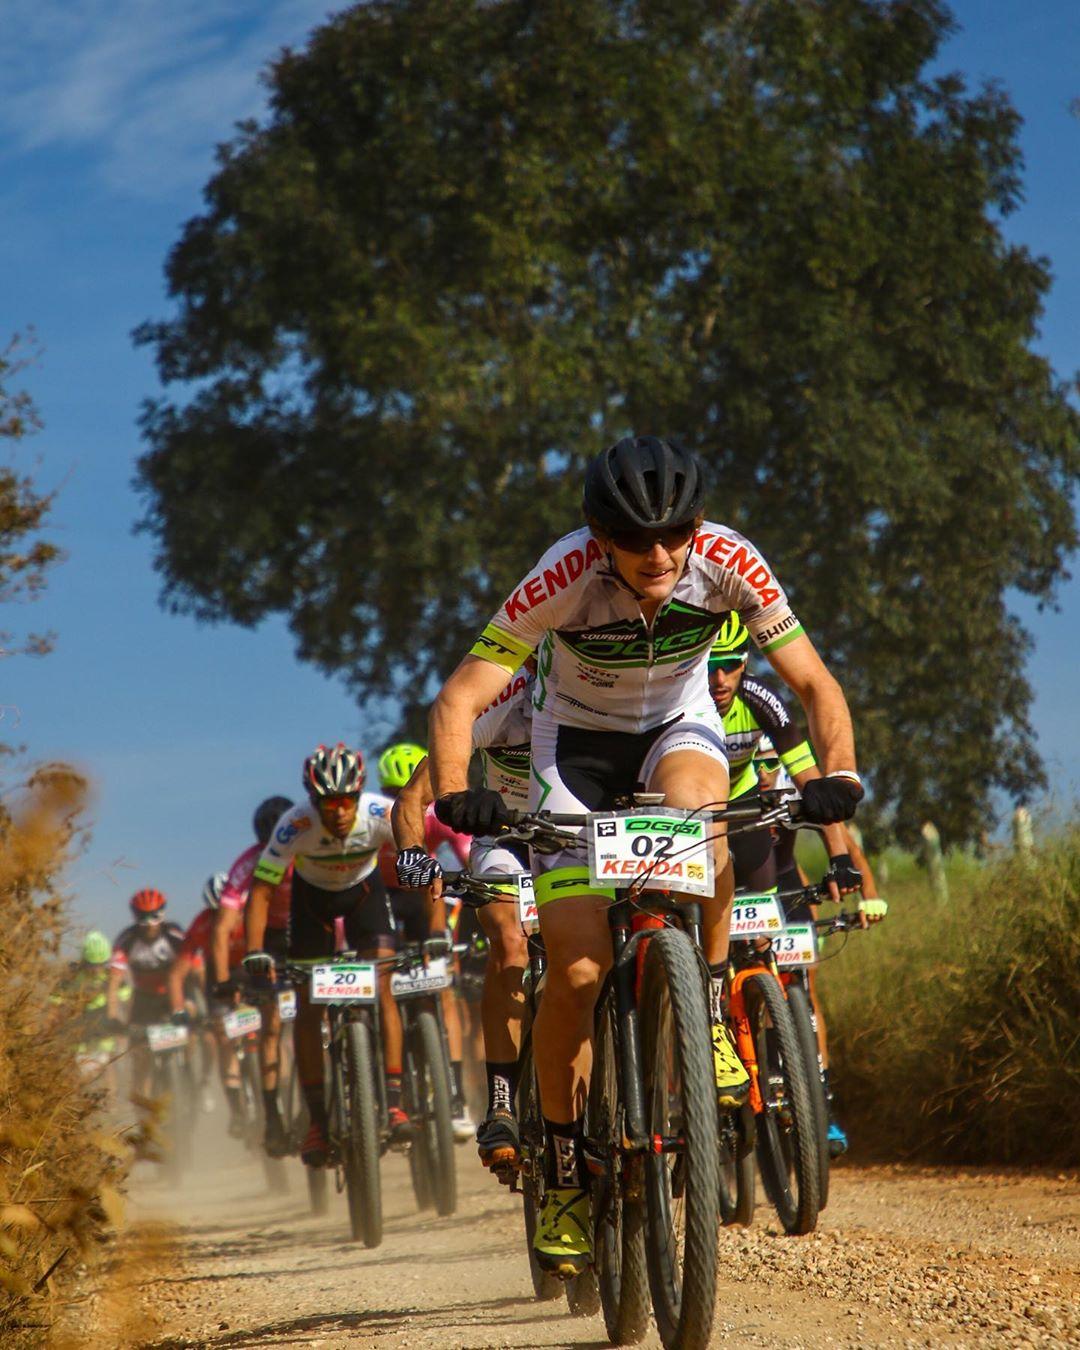 https://seppia.com.br/wp-content/uploads/2019/05/Oggi-Big-Biker-Cup-Bruno-Lemes.jpg